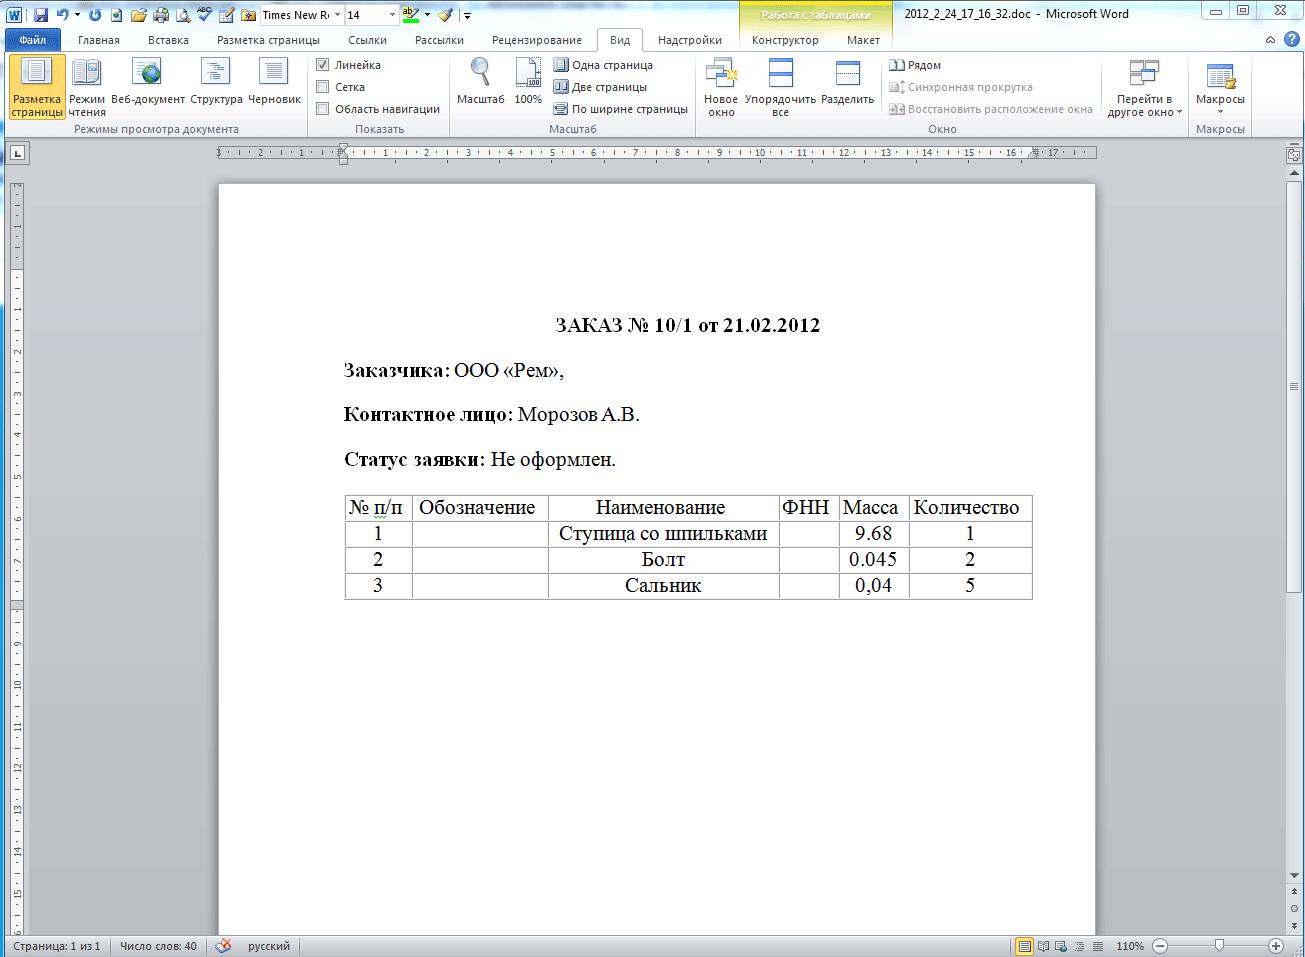 Отчет по заказу